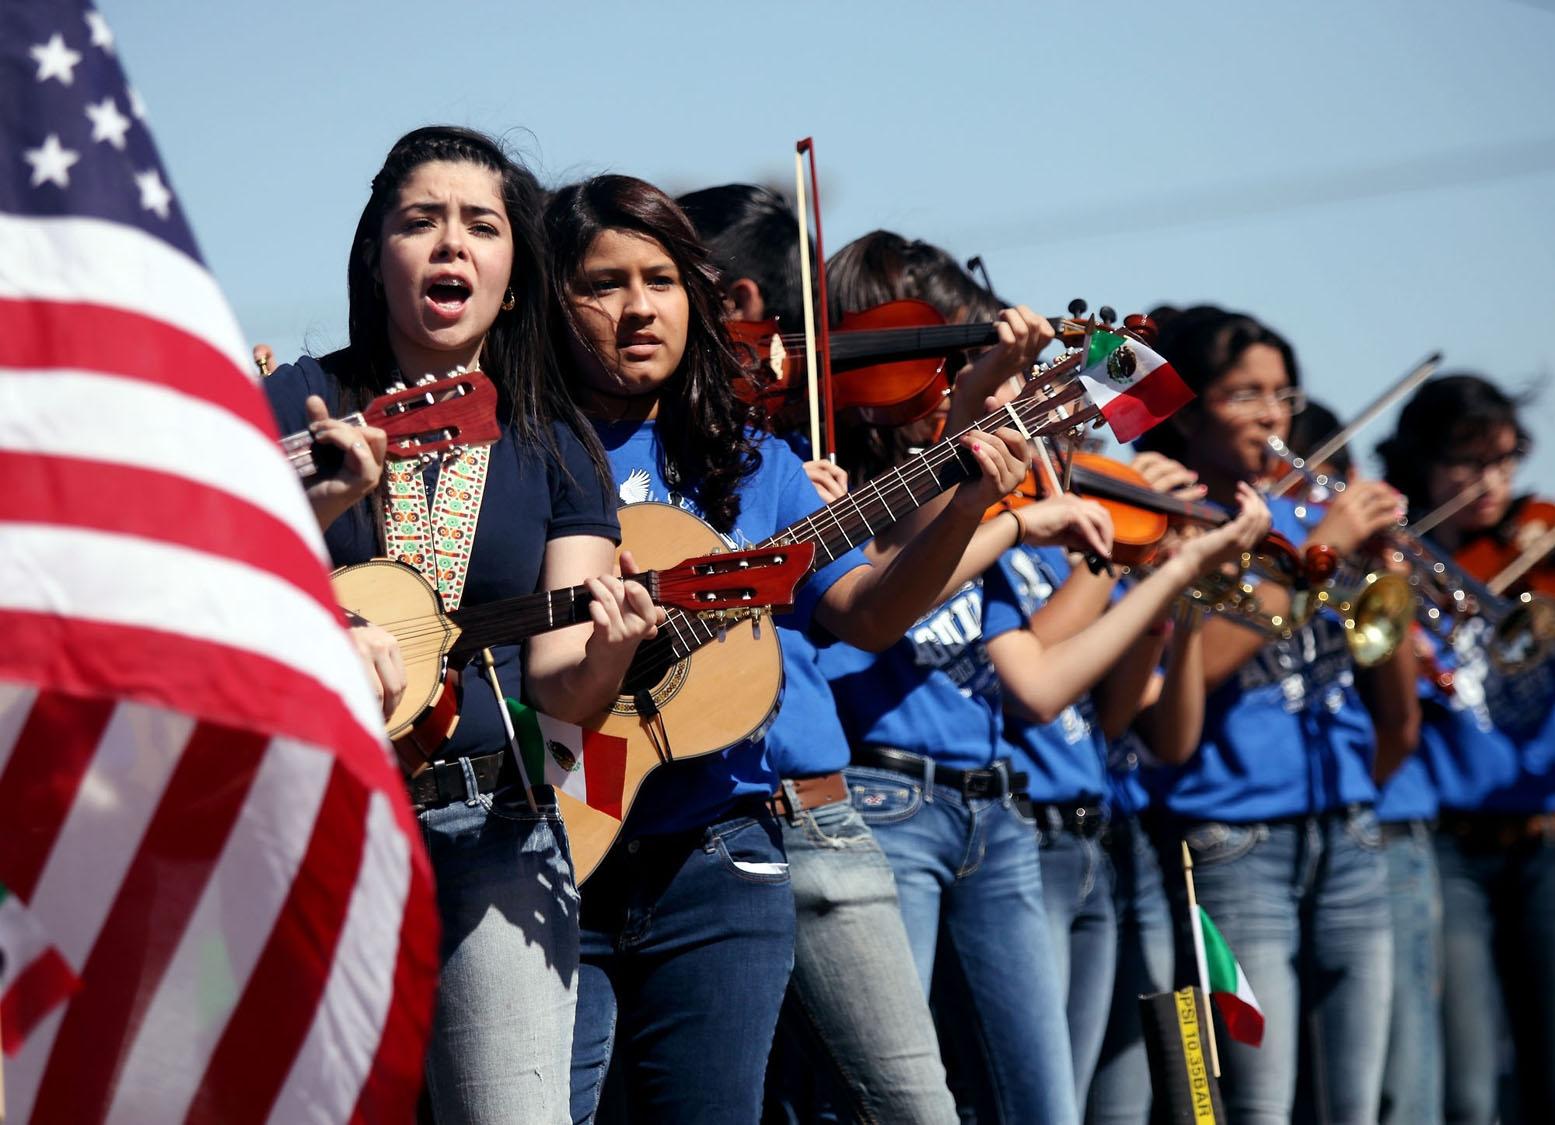 cefb708f0ddd0 Cinco de Mayo in Trump era leaves Mexican-Americans torn